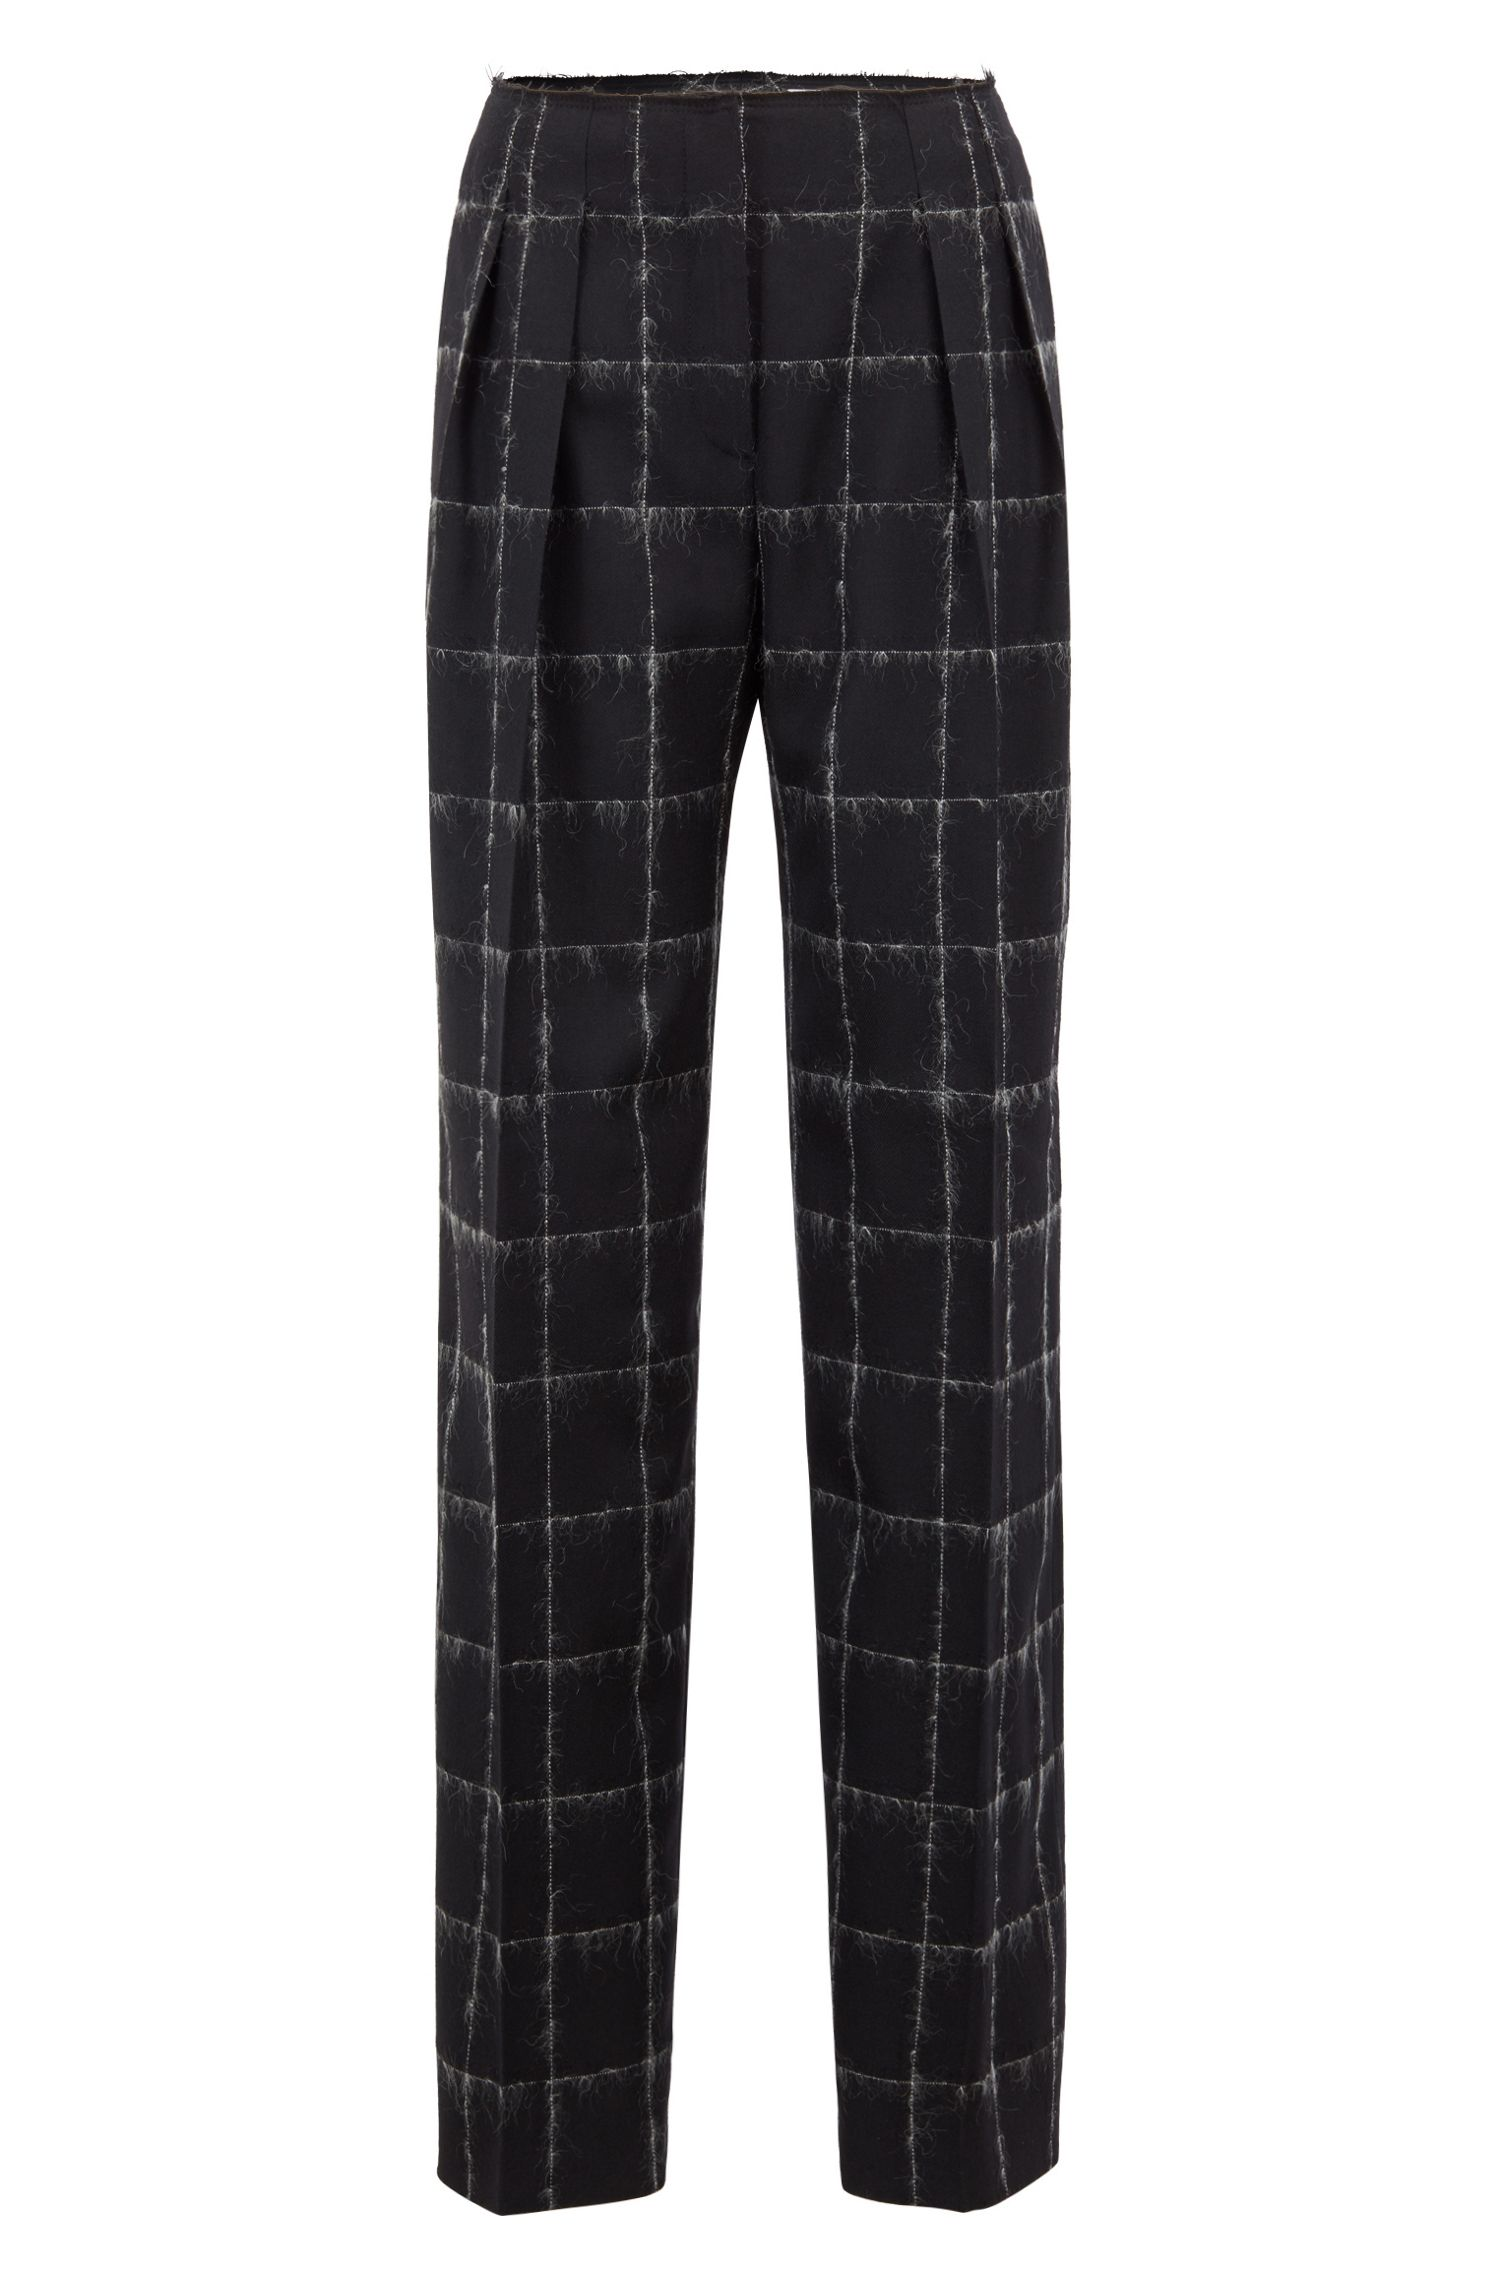 Pantalon large de la collection Gallery, en laine mélangée à carreaux, Fantaisie